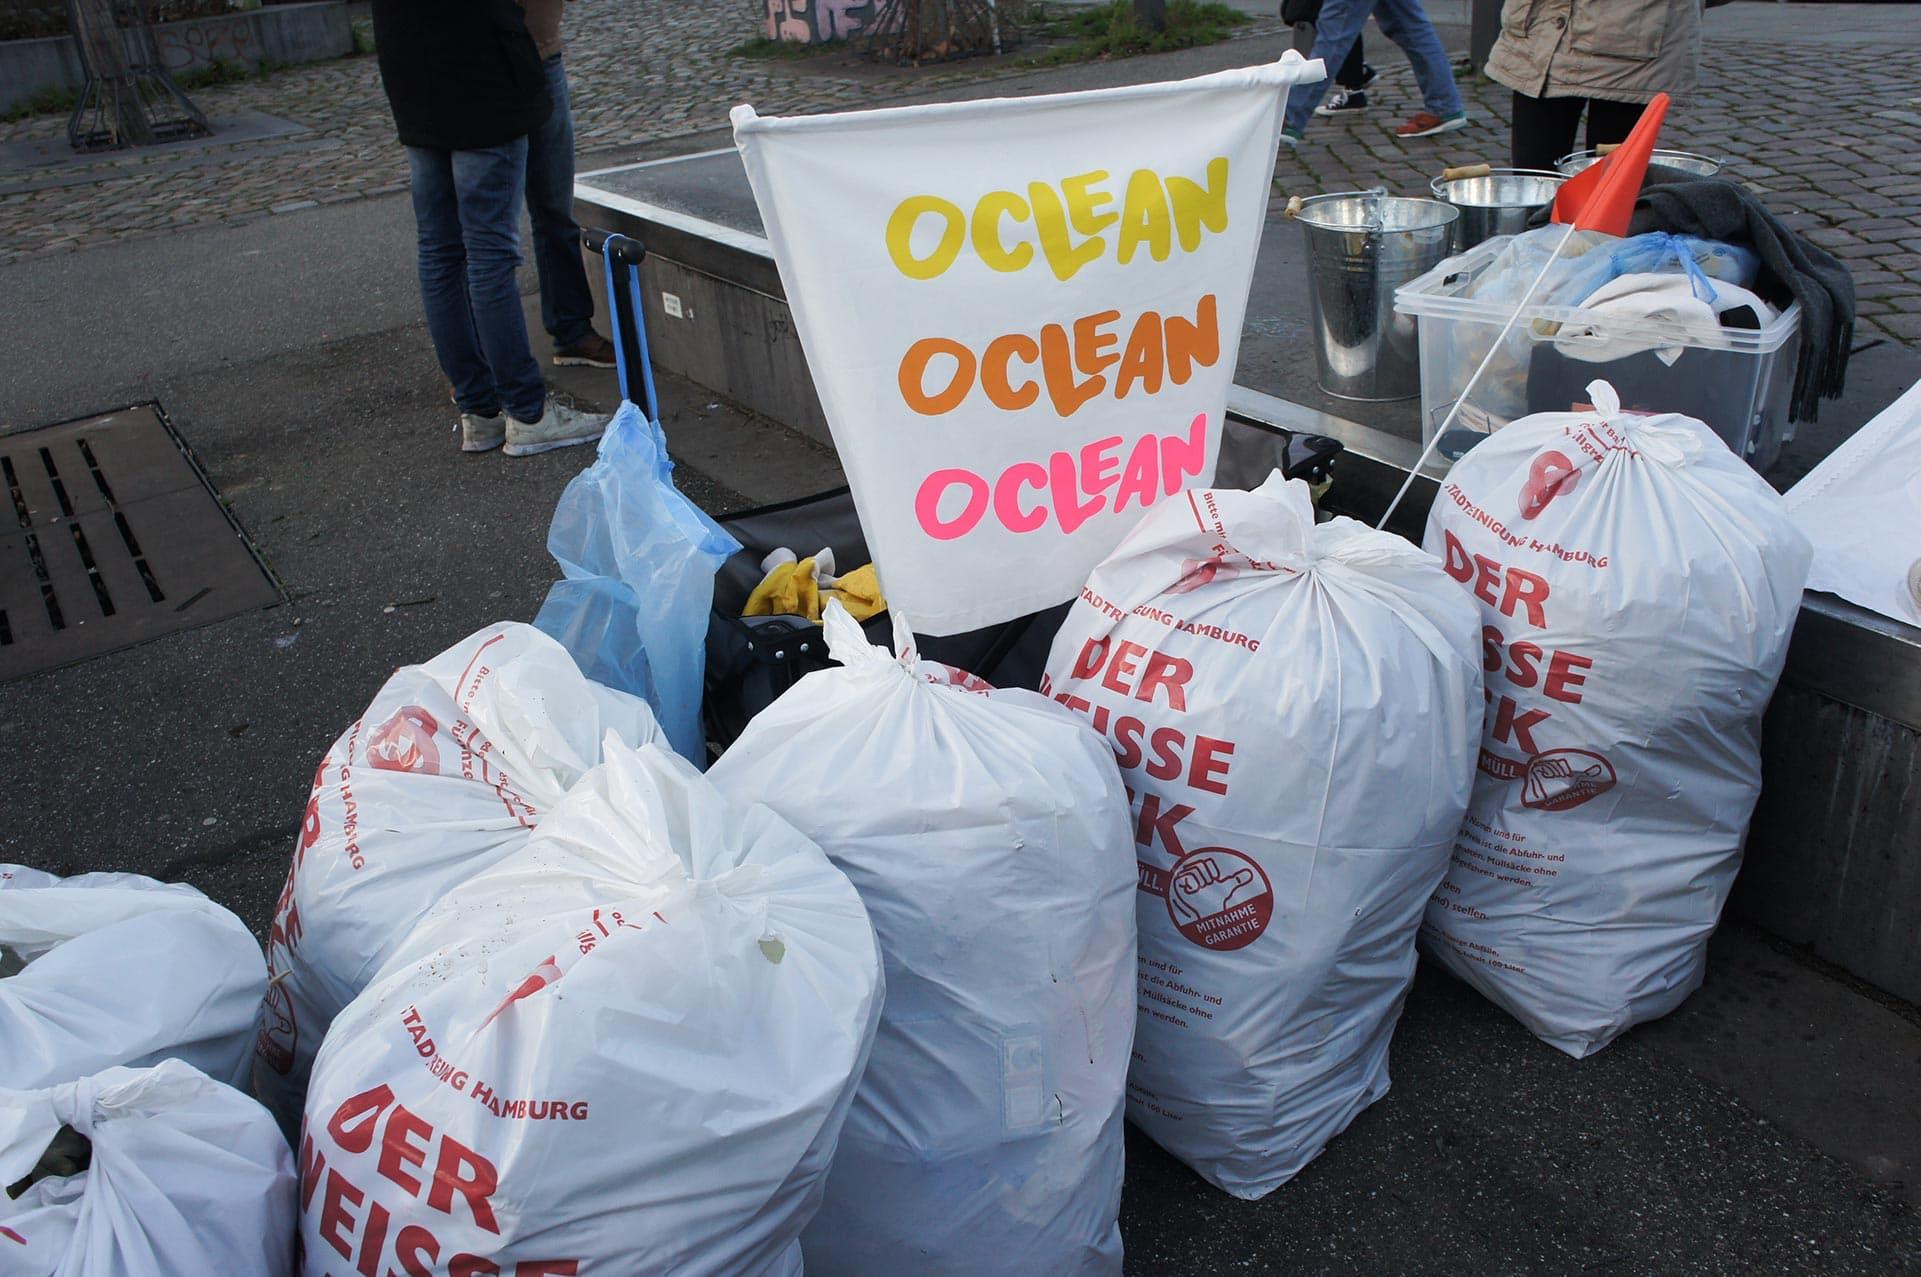 Clean up Hamburg - Für ein sauberes Hamburg: Oclean gegen Plastik